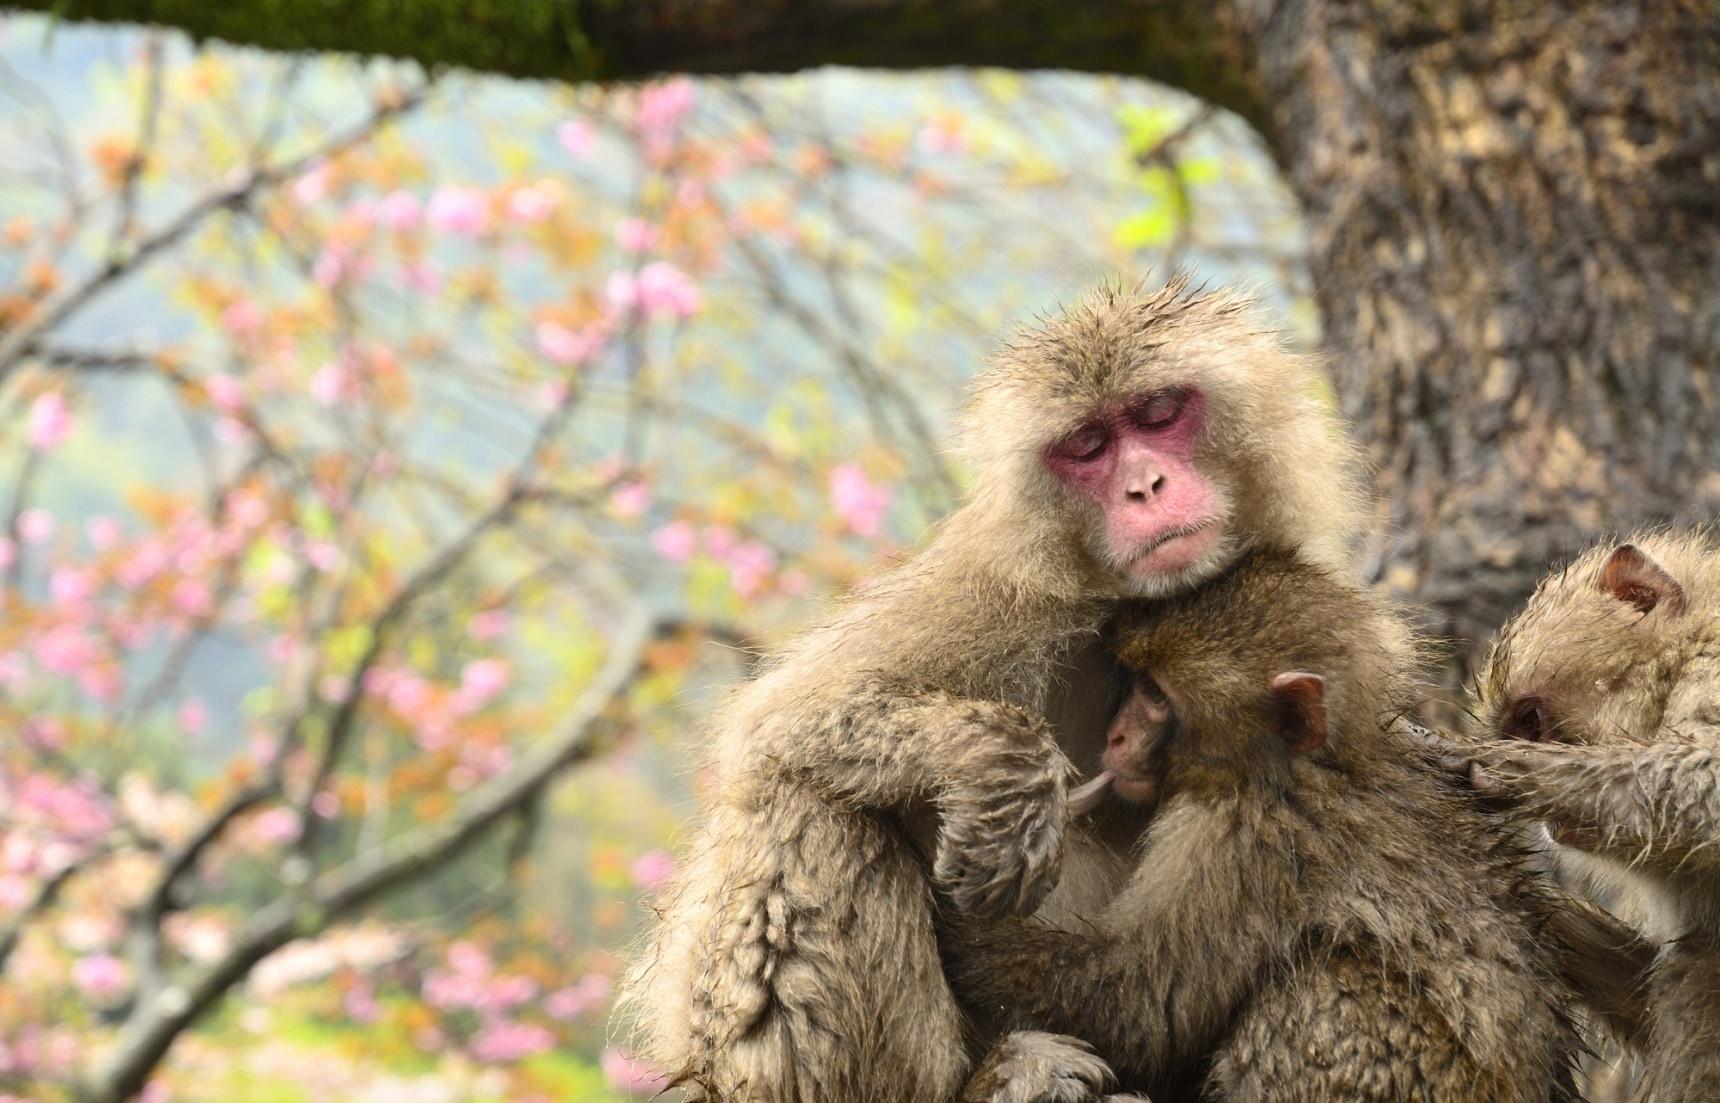 Monkeying around at Takasakiyama Monkey Park